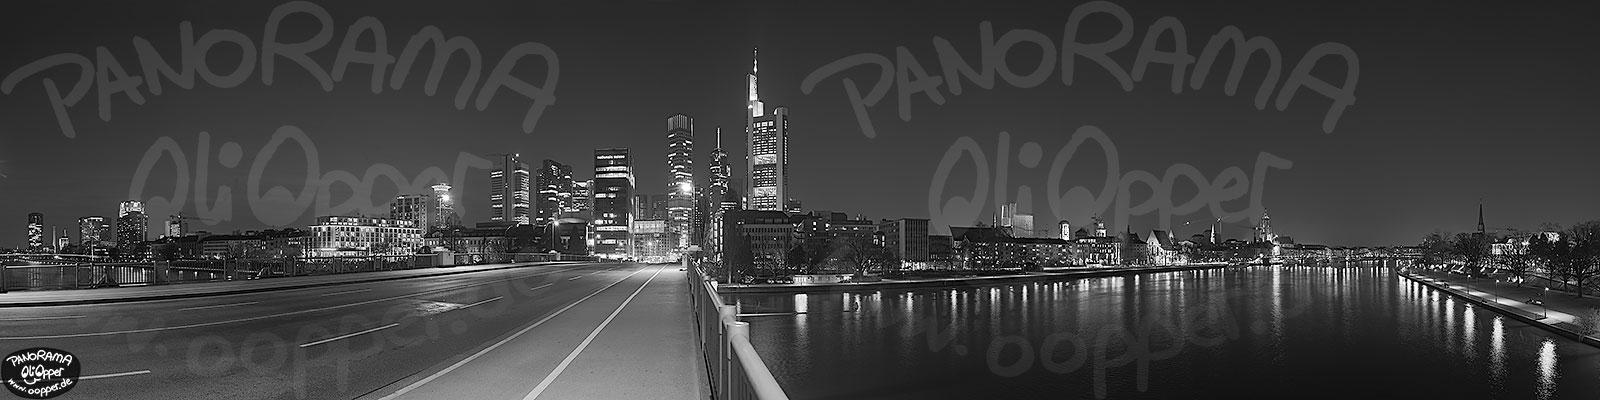 Frankfurt  schwarzweiß  Nacht  p8425  (c) by Oliver Opper